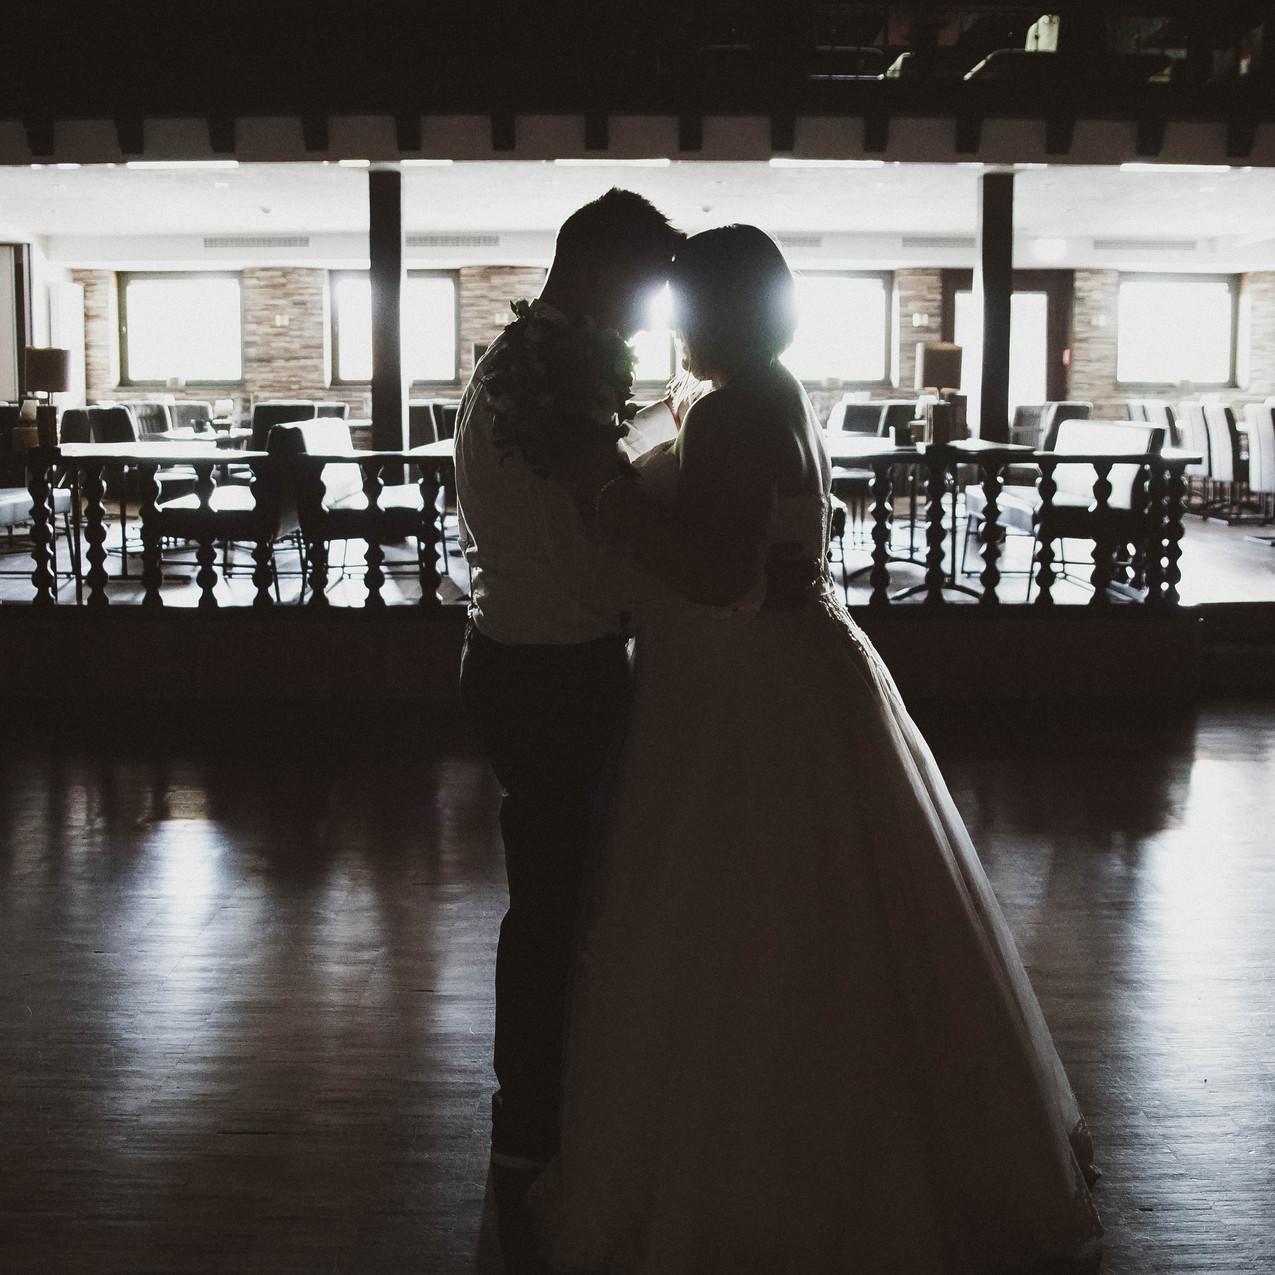 Etwas schaukeln und kuscheln. Hochzeitsfotograf Daniel Jones von der Agentur albhochzeit hält einzigartige Bilder fest